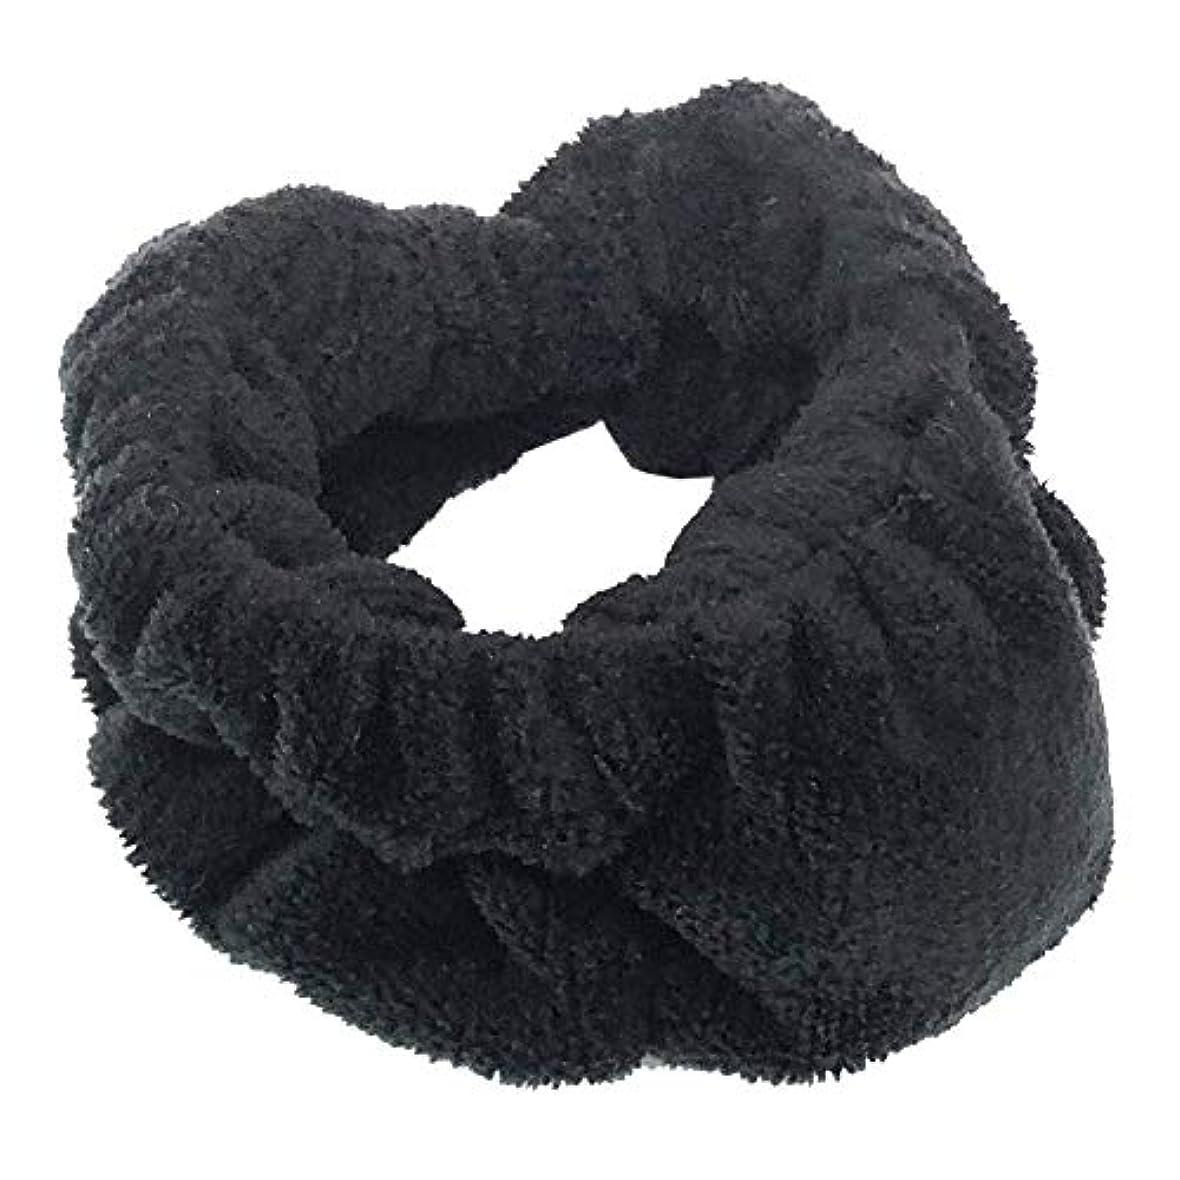 安全でない朝の体操をするマッサージOHEYA(オヘヤ) 『モコモコツボバンド』 (BLACK/ブラック) ふわふわ もこもこ マッサージ